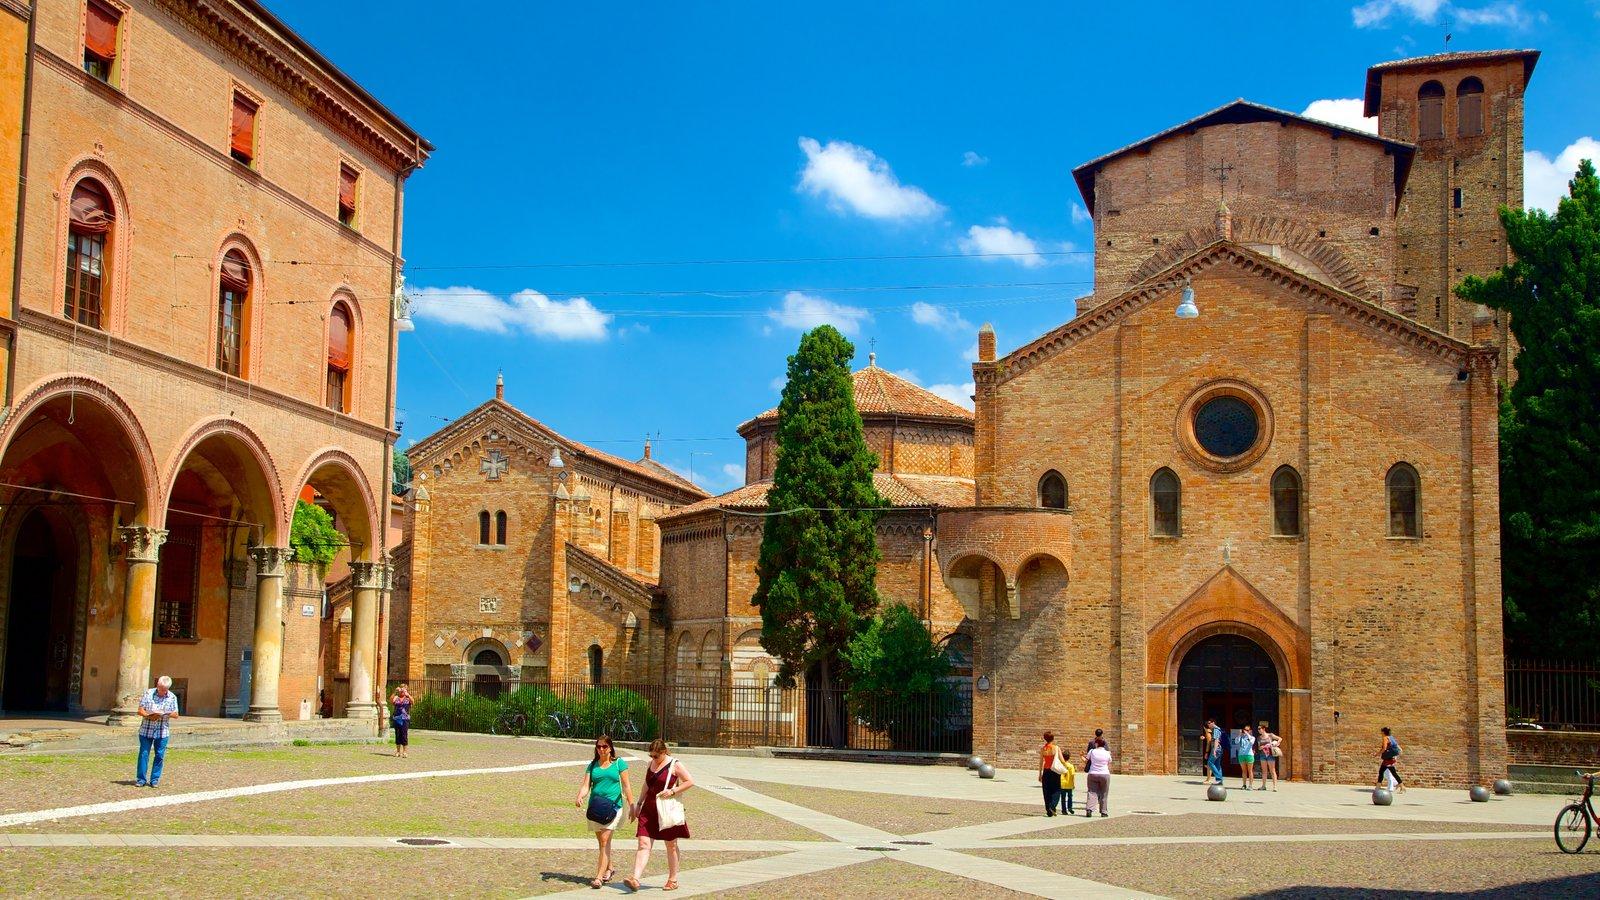 Piazza de Santo Stefano